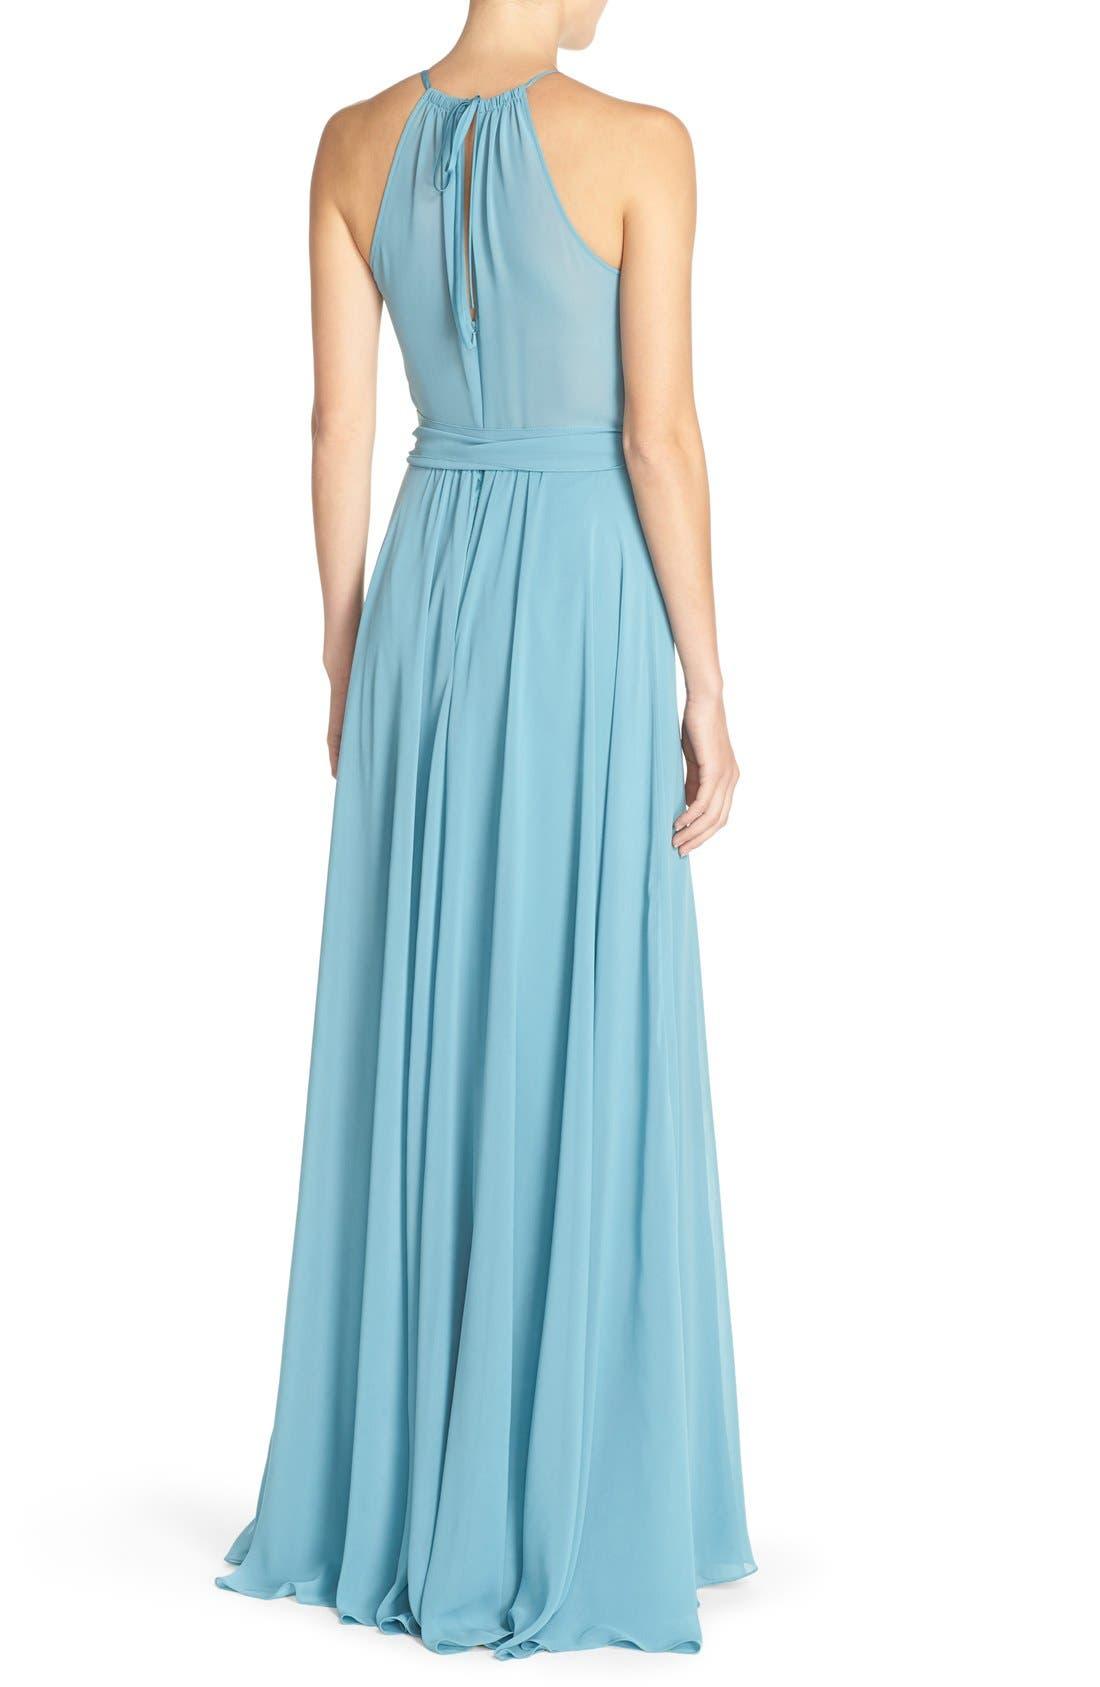 'Delaney' Belted A-Line Chiffon Halter Dress,                             Alternate thumbnail 2, color,                             Teal